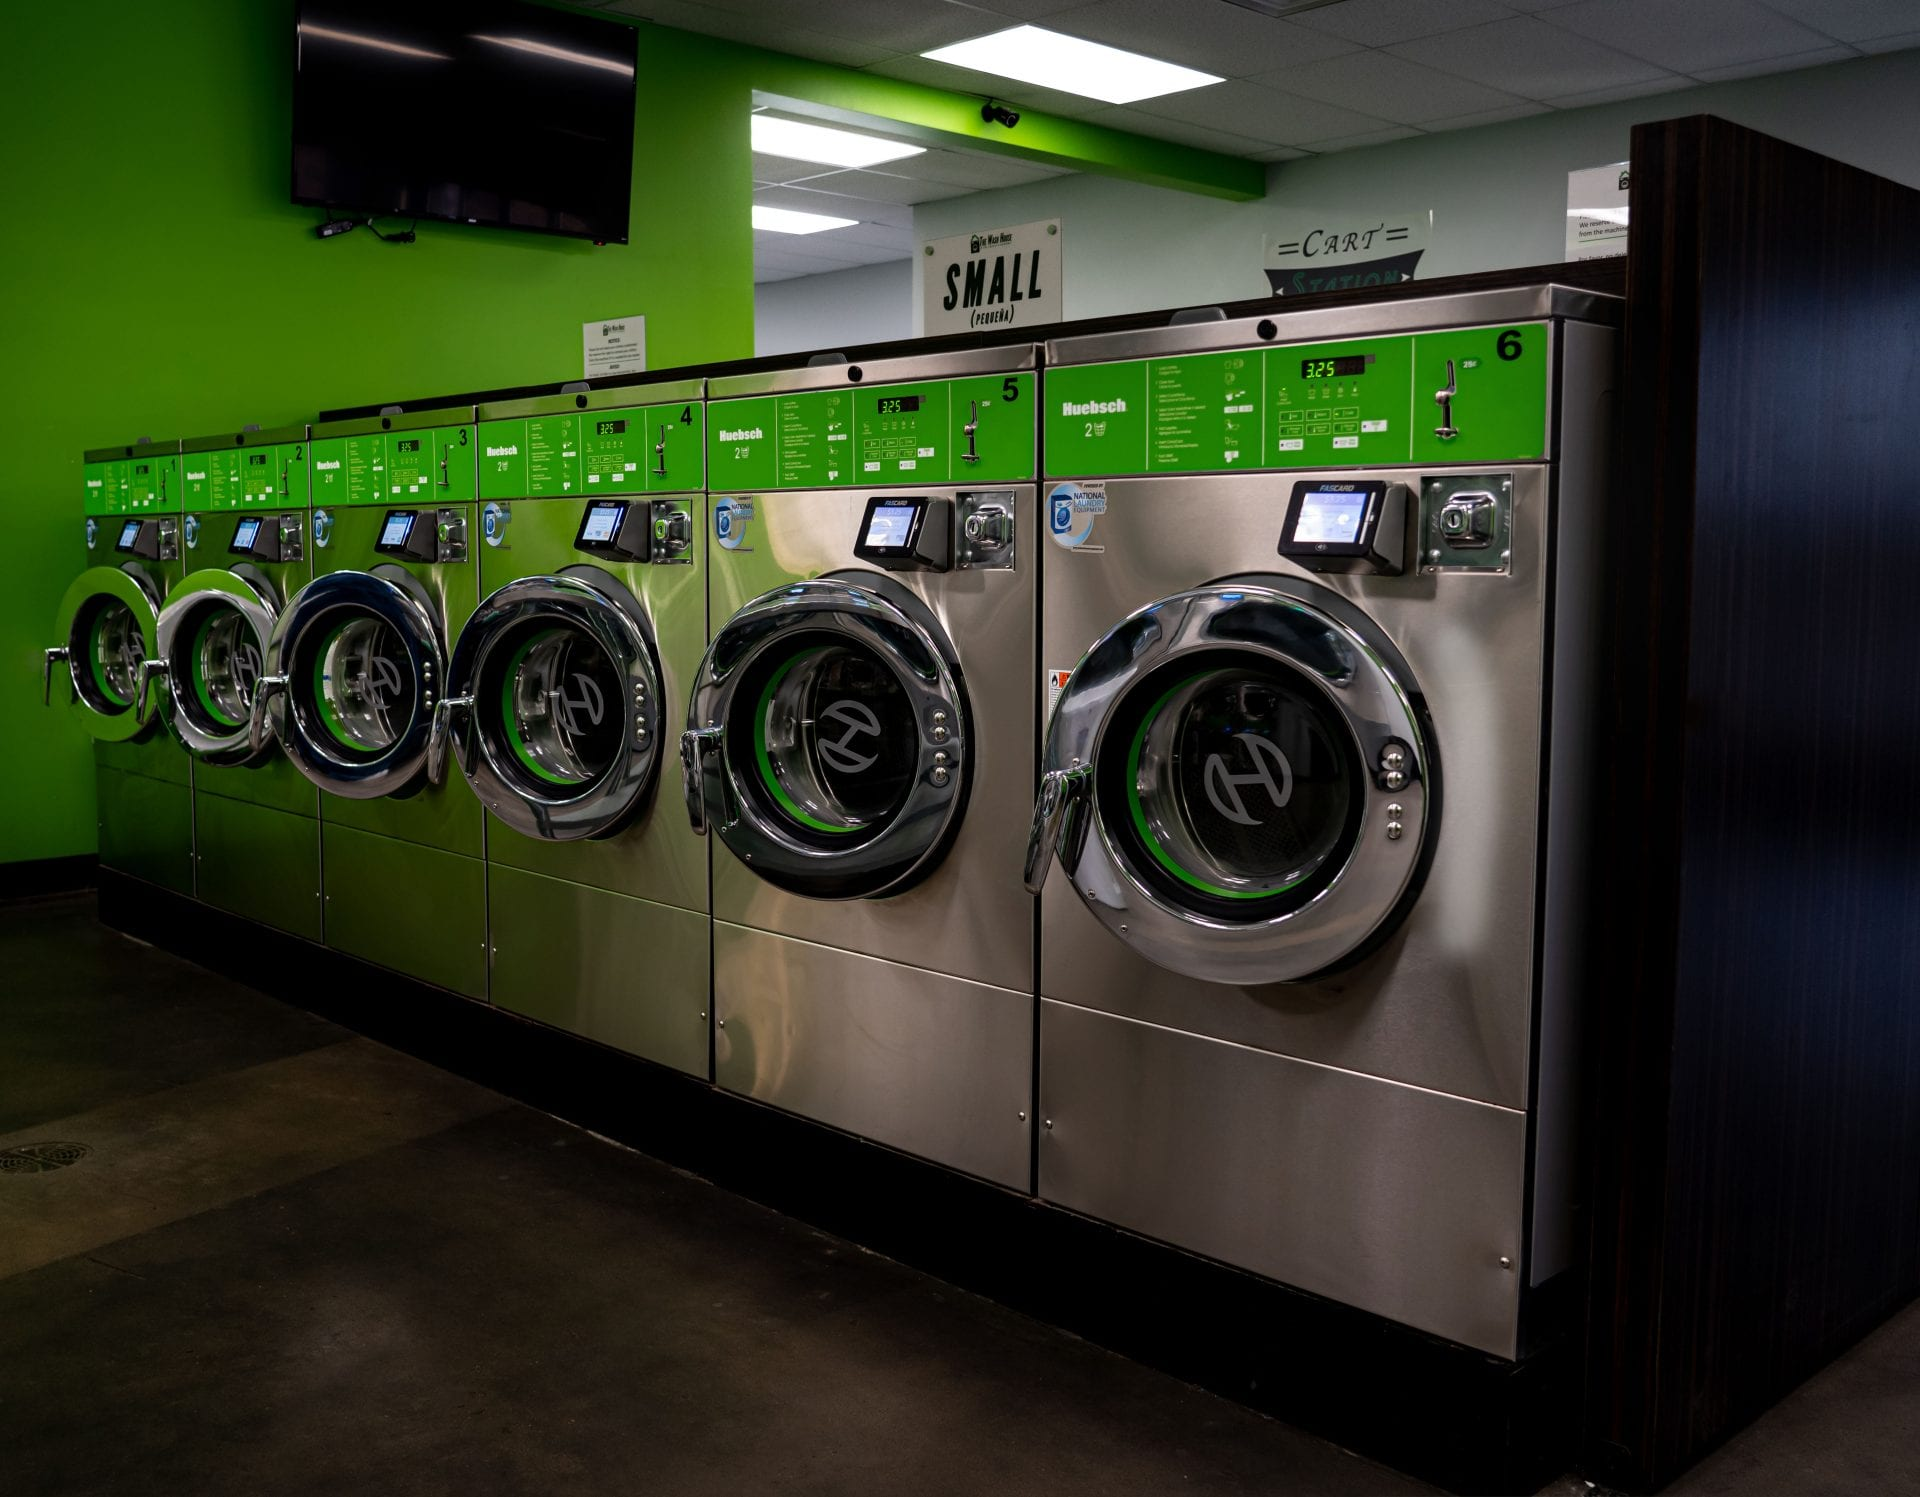 bg 20 pound washers - The Wash House